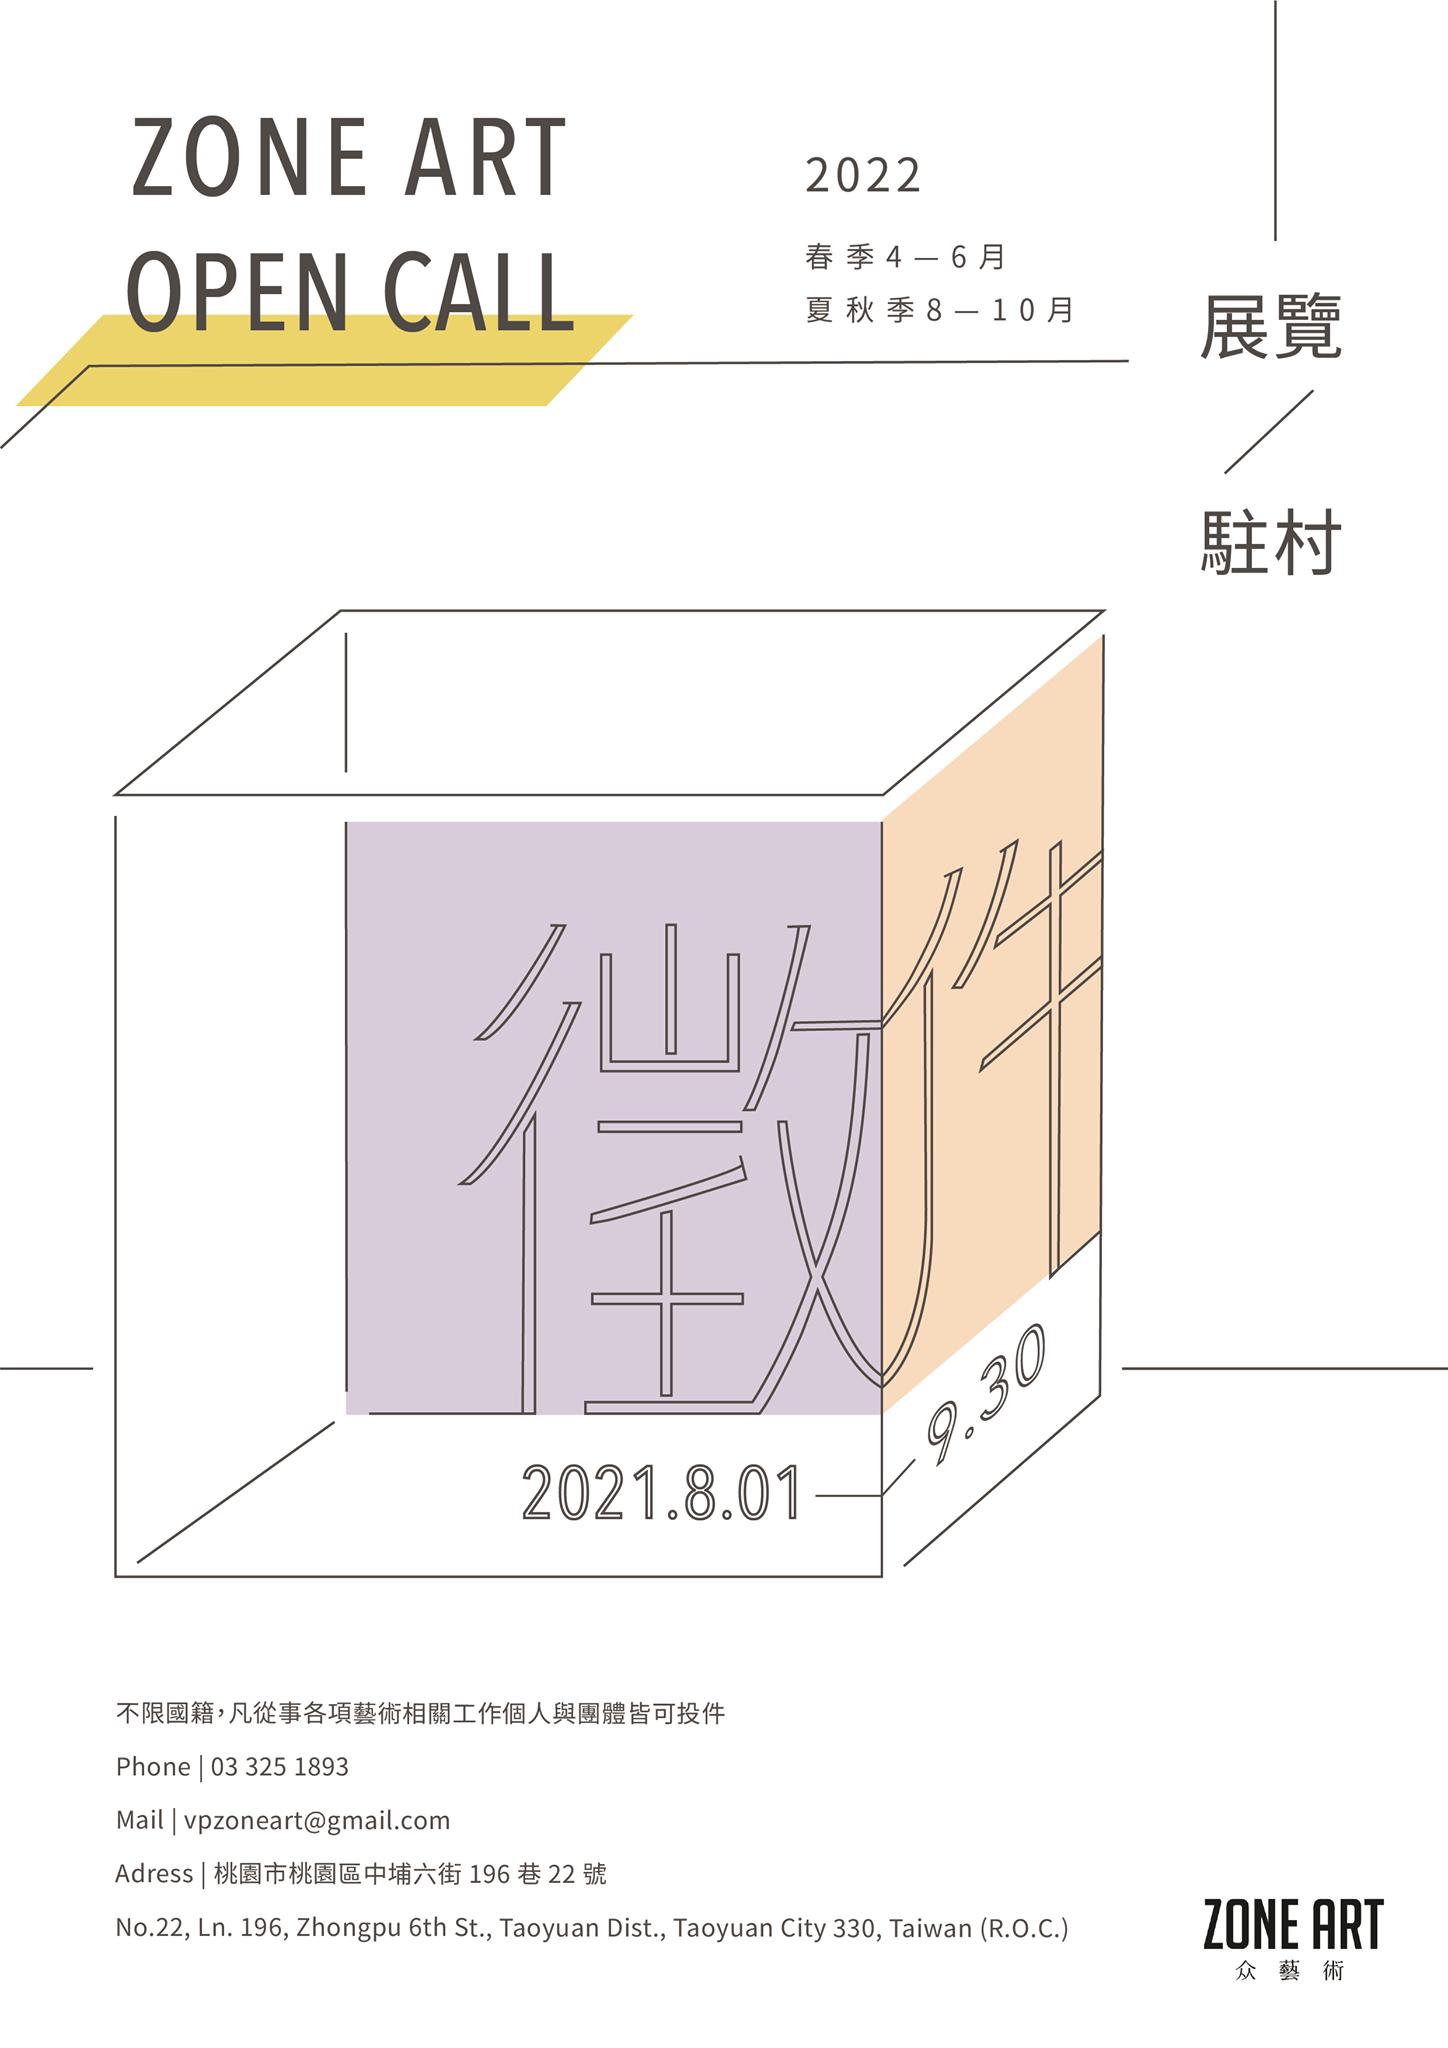 2022众藝術 OPEN CALL -在地主題駐村徵件